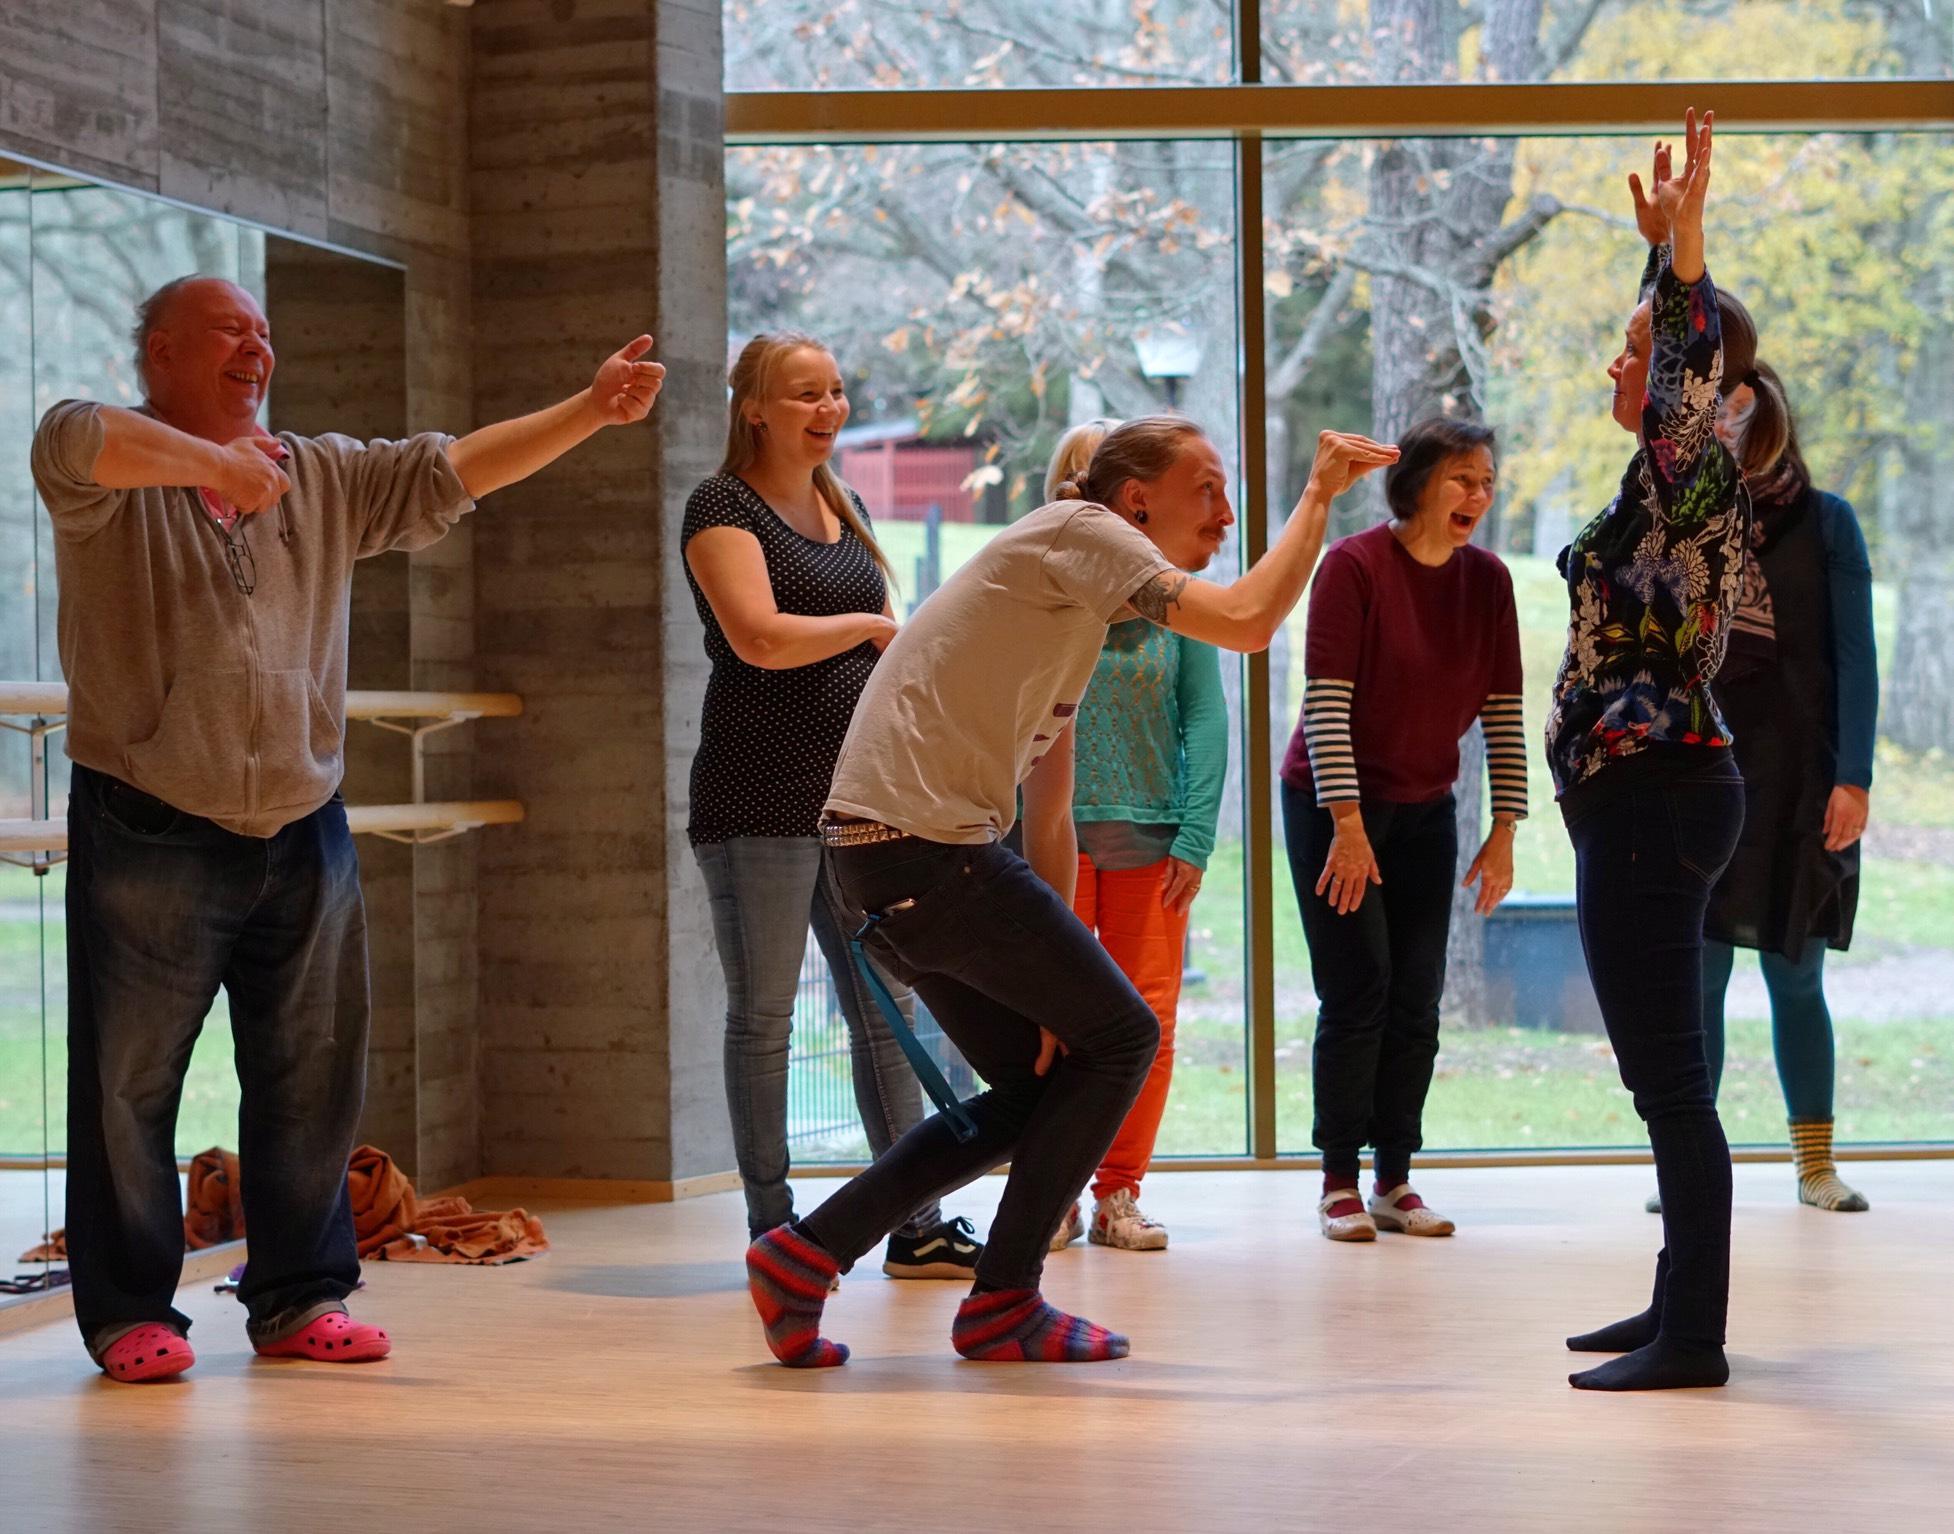 Espoossa Auroran koulussa kehitetään opettajien kokonaisvaltaisia vuorovaikutustaitoja läpi koko lukuvuoden yhteistyössä KEHU-hankkeen kanssa. Lokakuun kurssikerralla omia kehoviestejä tarkasteltiin muun muassa improvisaation keinoin. Kuva: Pia Kaspi, Auroran koulu